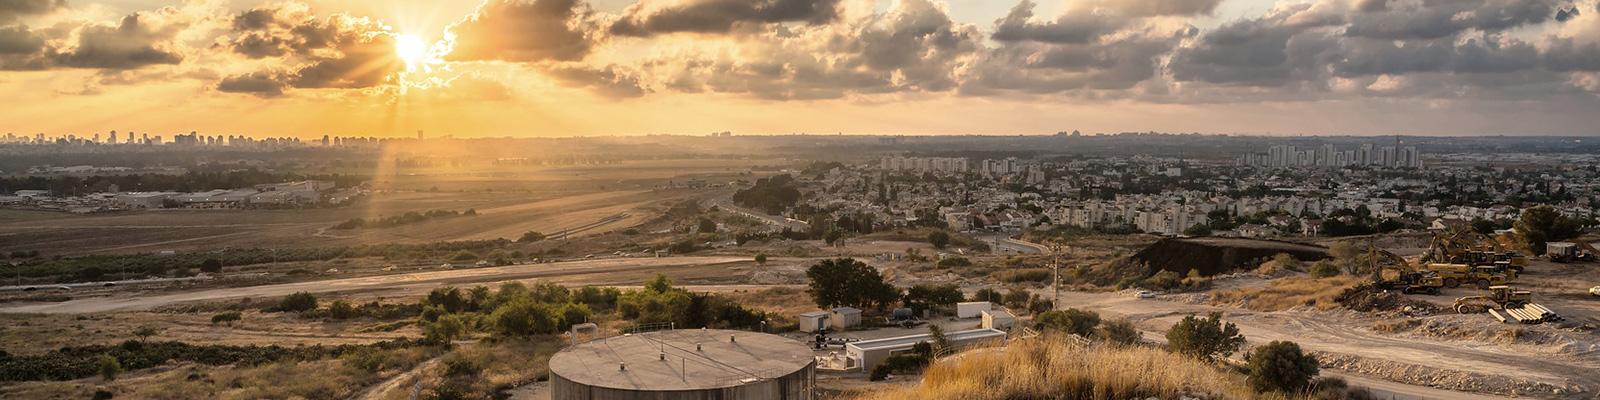 イスラエル 農業 イメージ